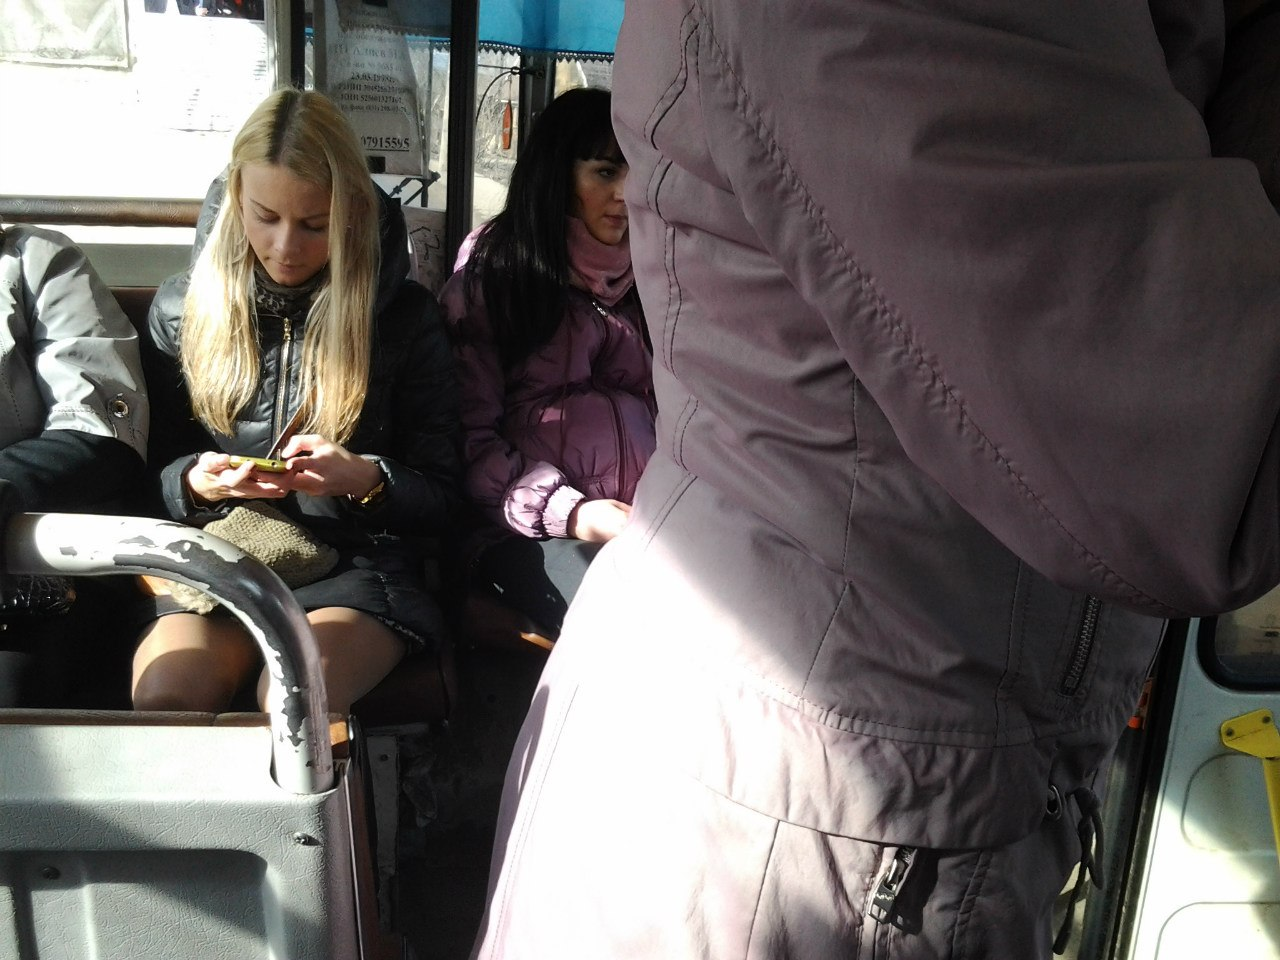 Трогают девушек в автобусе, Трогает девушку в автобусе. Лучшие. Смотри редкие 4 фотография